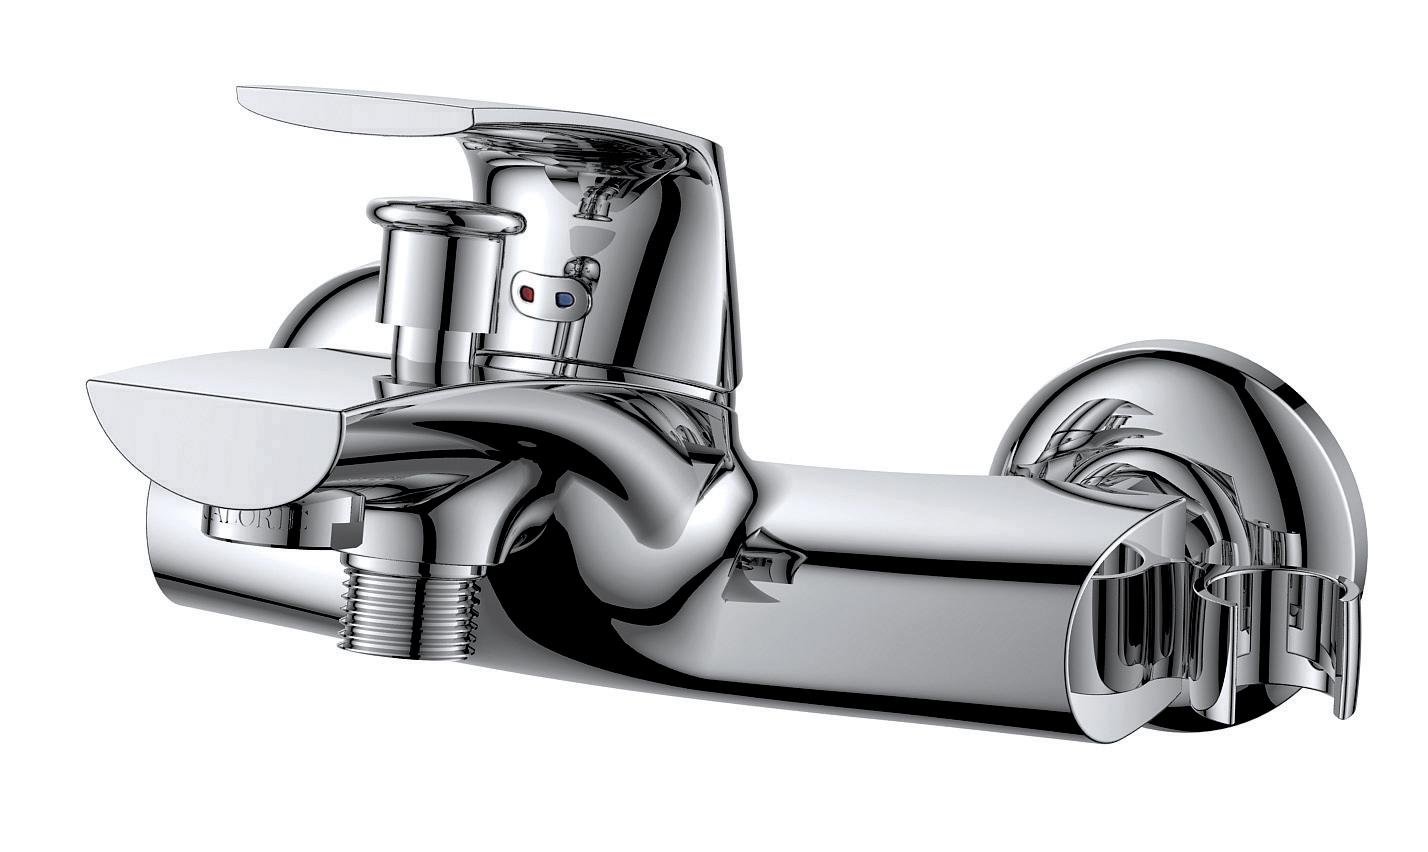 Смеситель для ванны с душем D&K Rhein.Feuerbach DA1283201 короткий излив хром